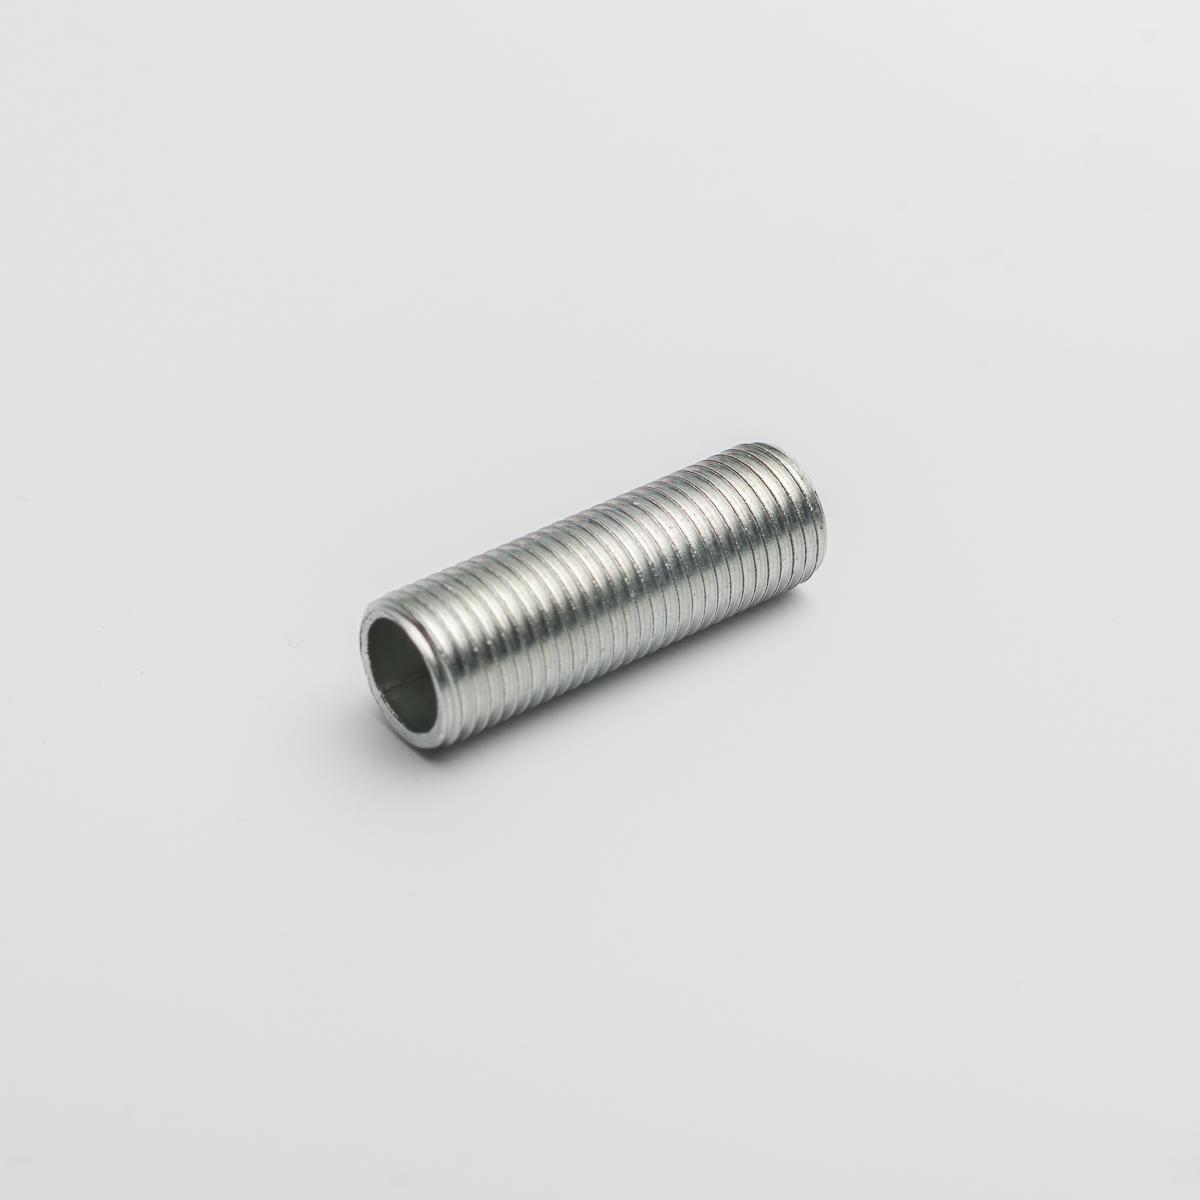 Трубка с резьбой 30 мм